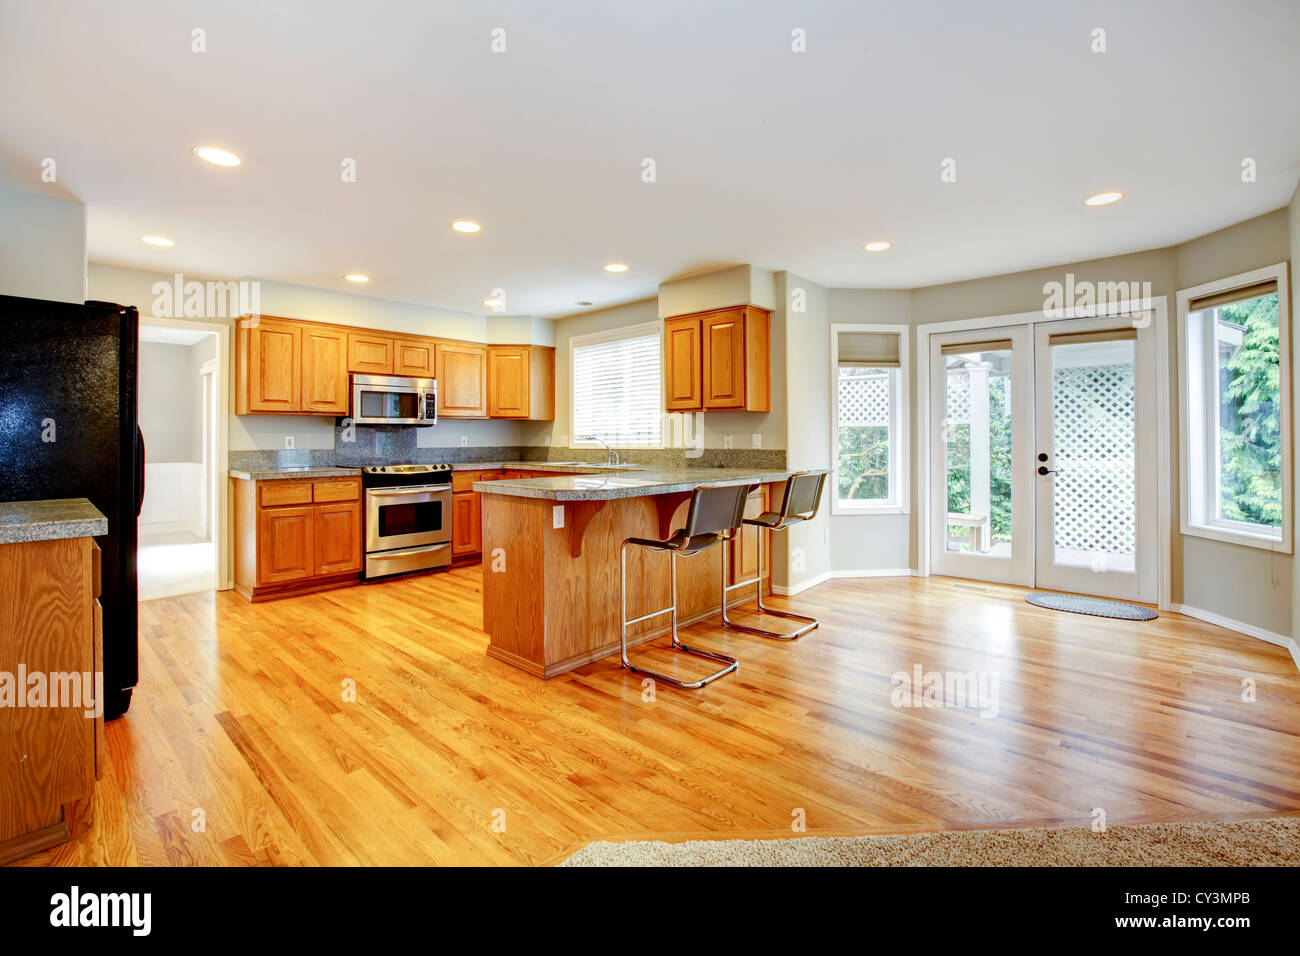 Große leere, offene Küche mit Wohnzimmer mit Balkontüren und Fenster ...